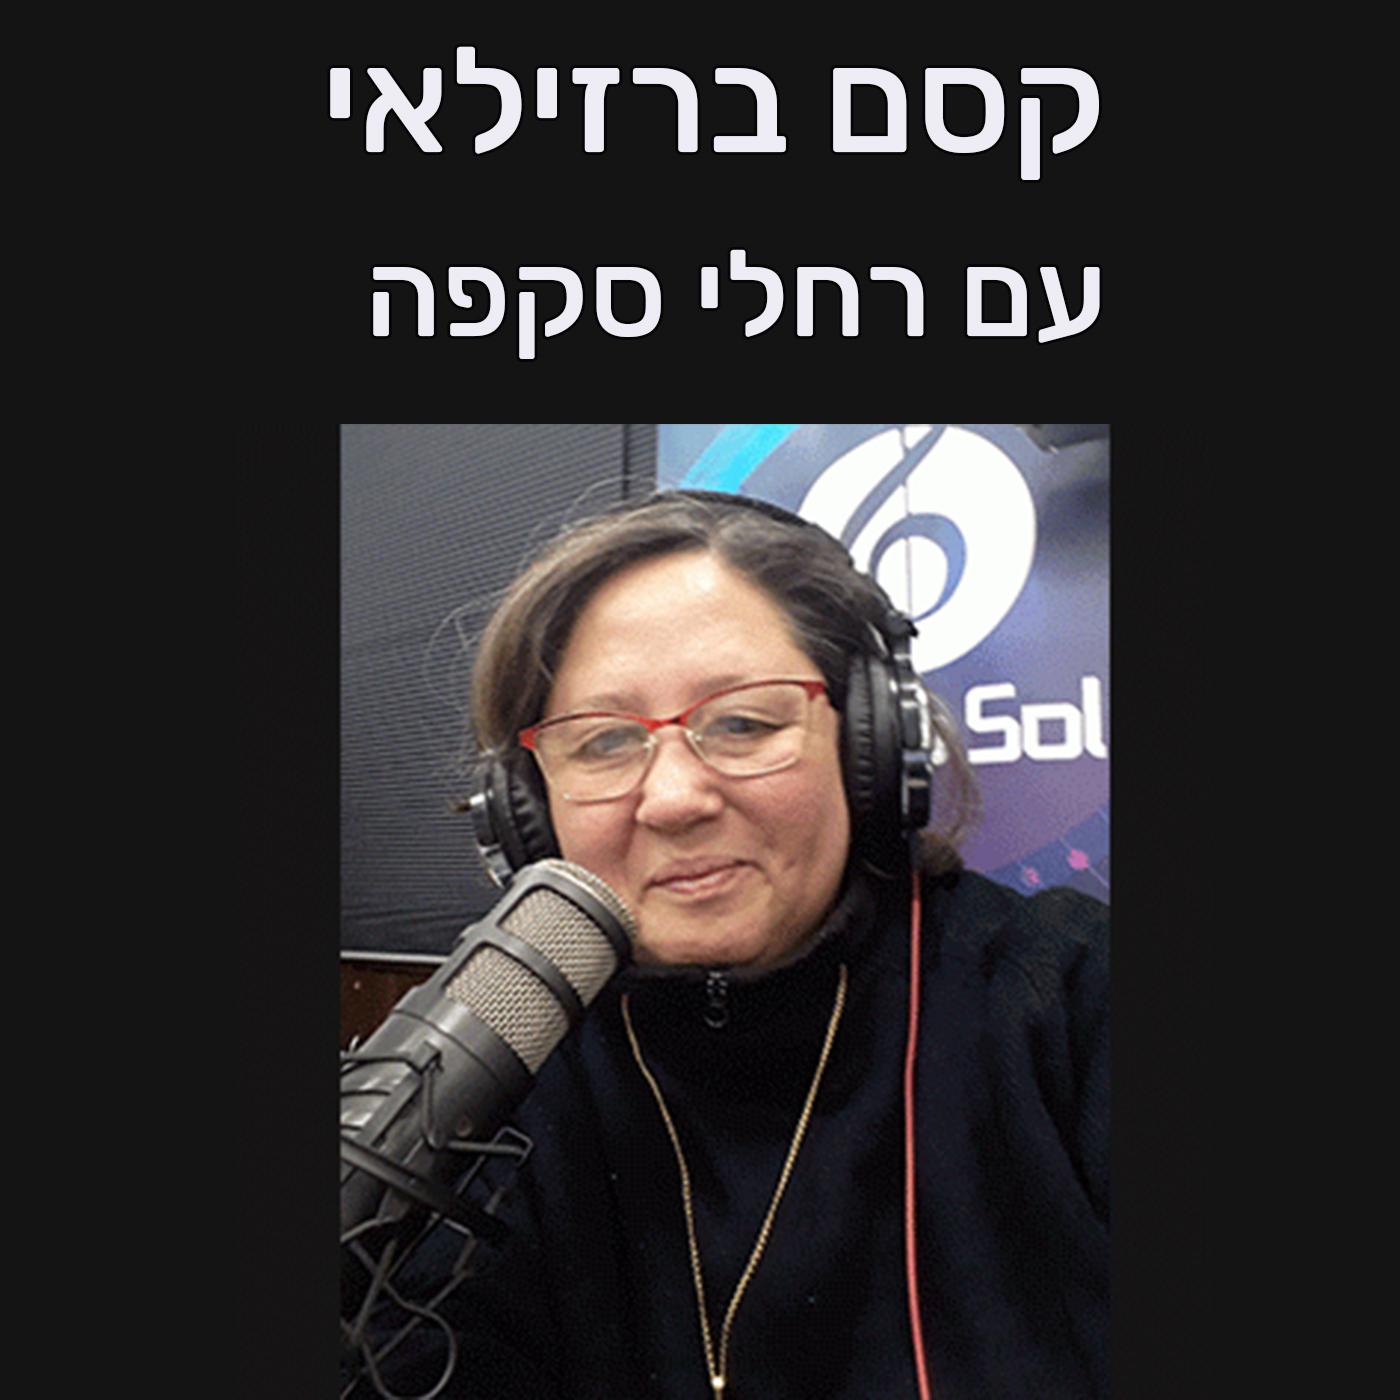 רדיו סול - פודקאסטים